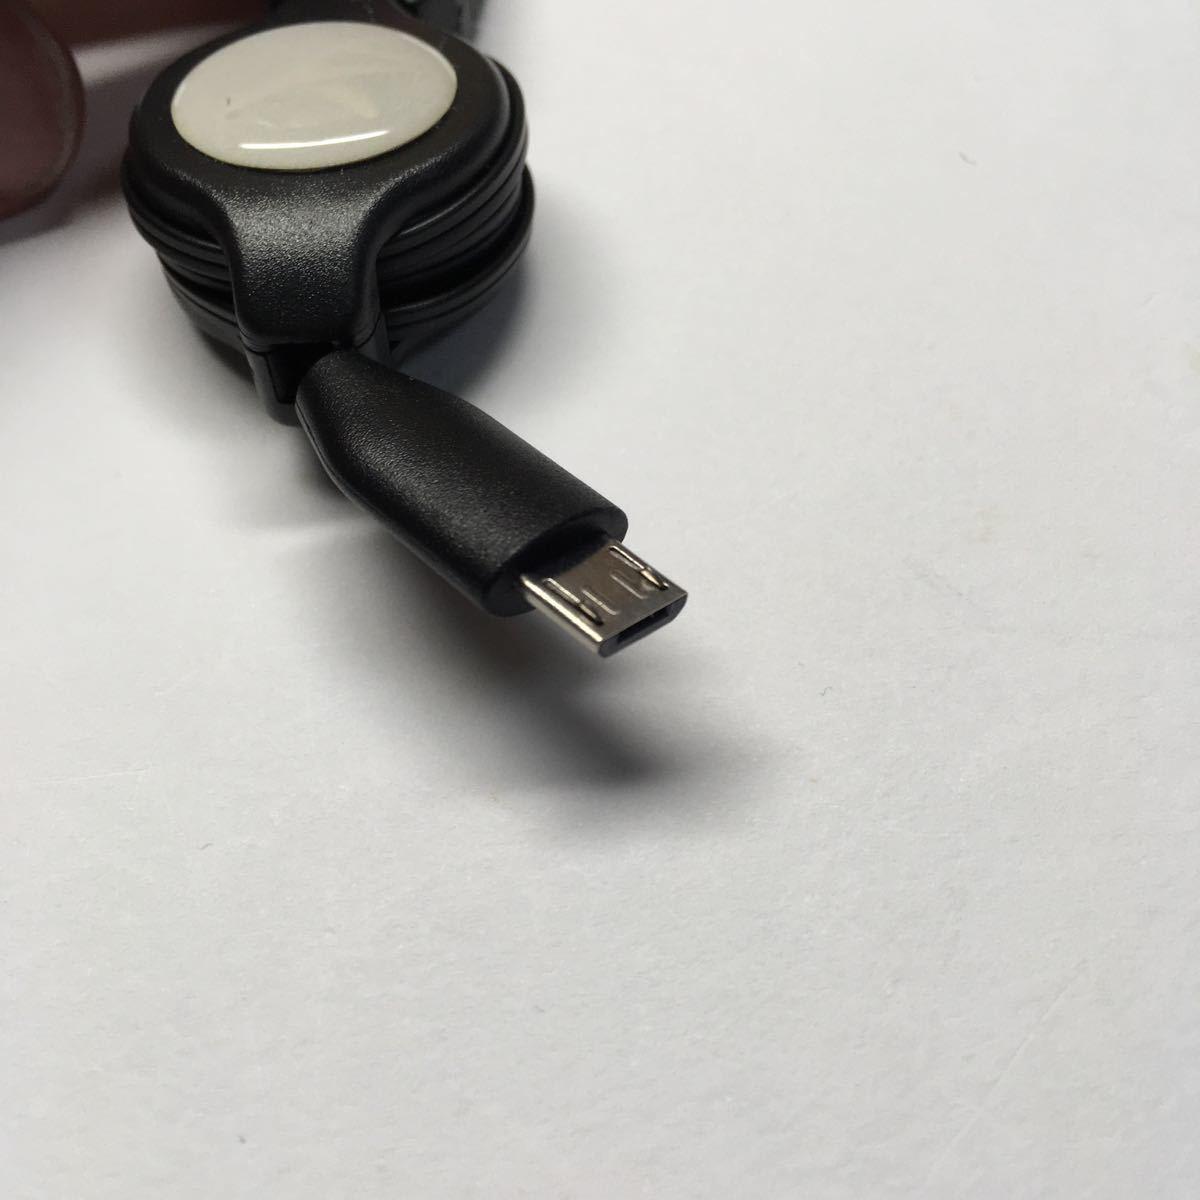 USBケーブル USB 充電器 ps vita 動作未確認 ジャンク パーツ ソニー SONY ゲーム プレステ